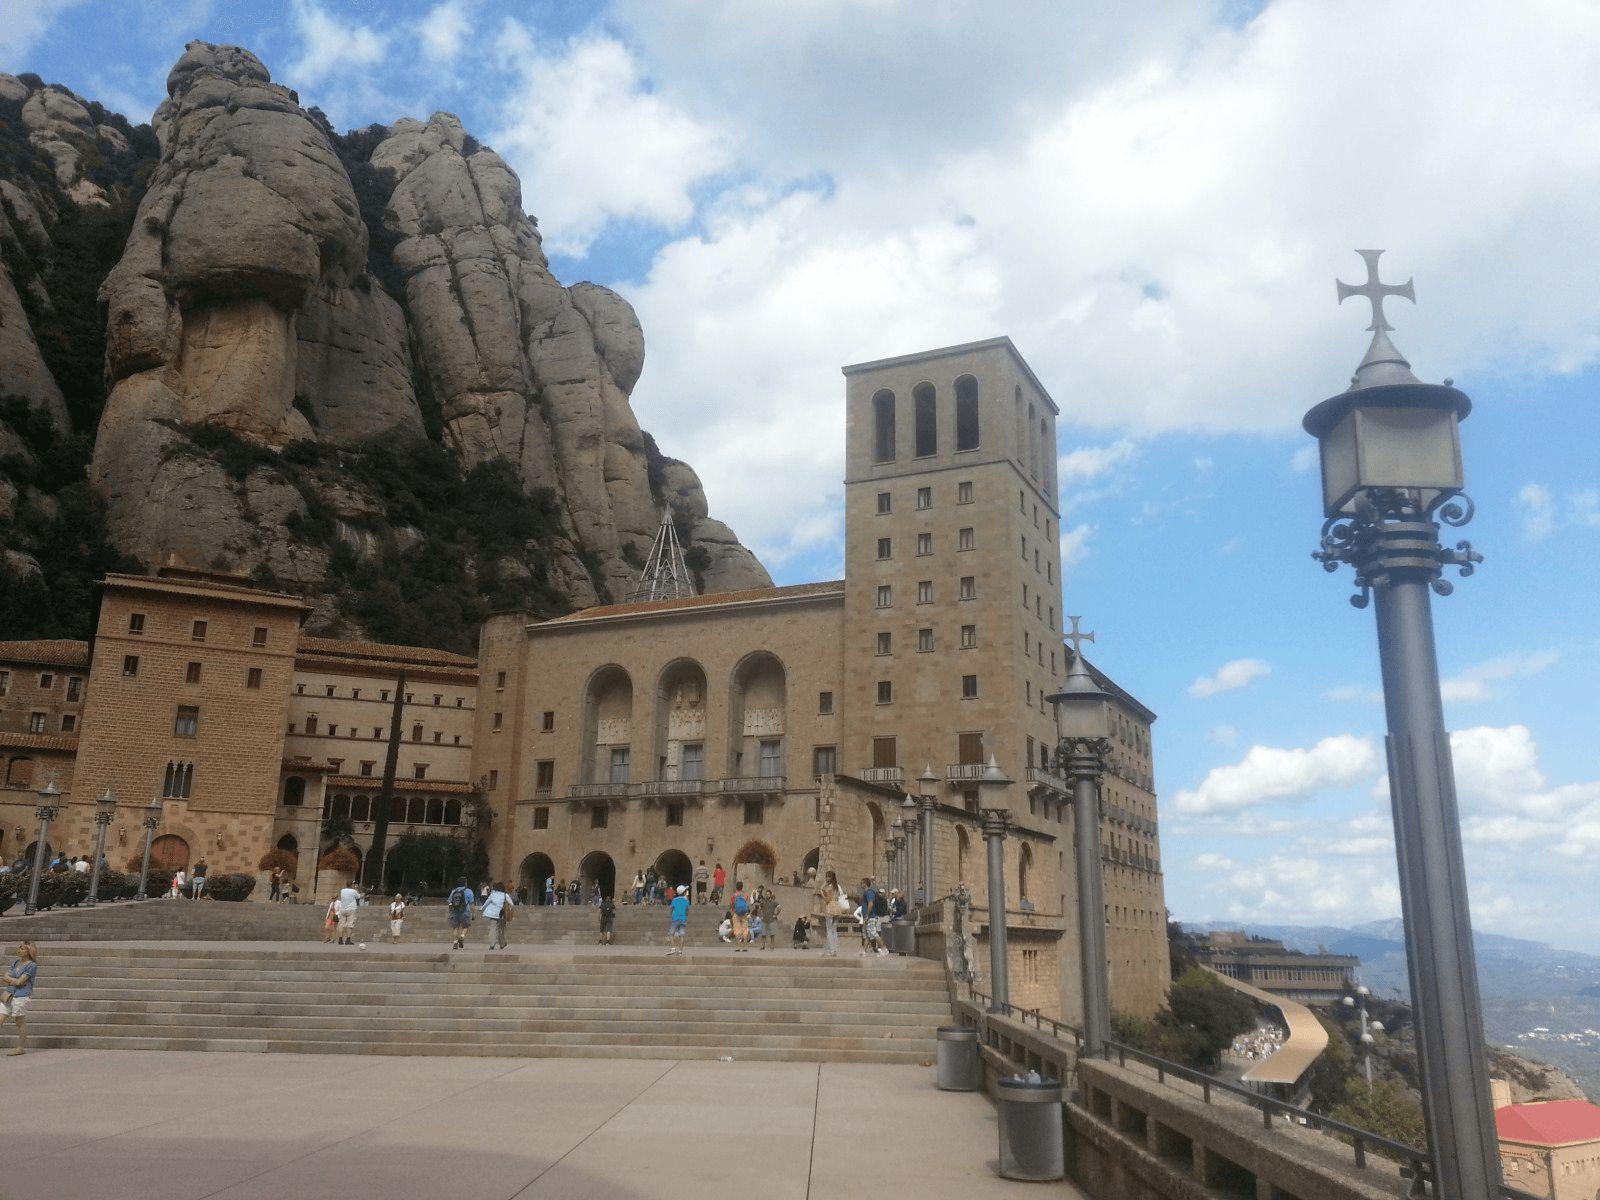 BARCELONA SPANNABIS KRSTARENJE: Izlet na Montserrat